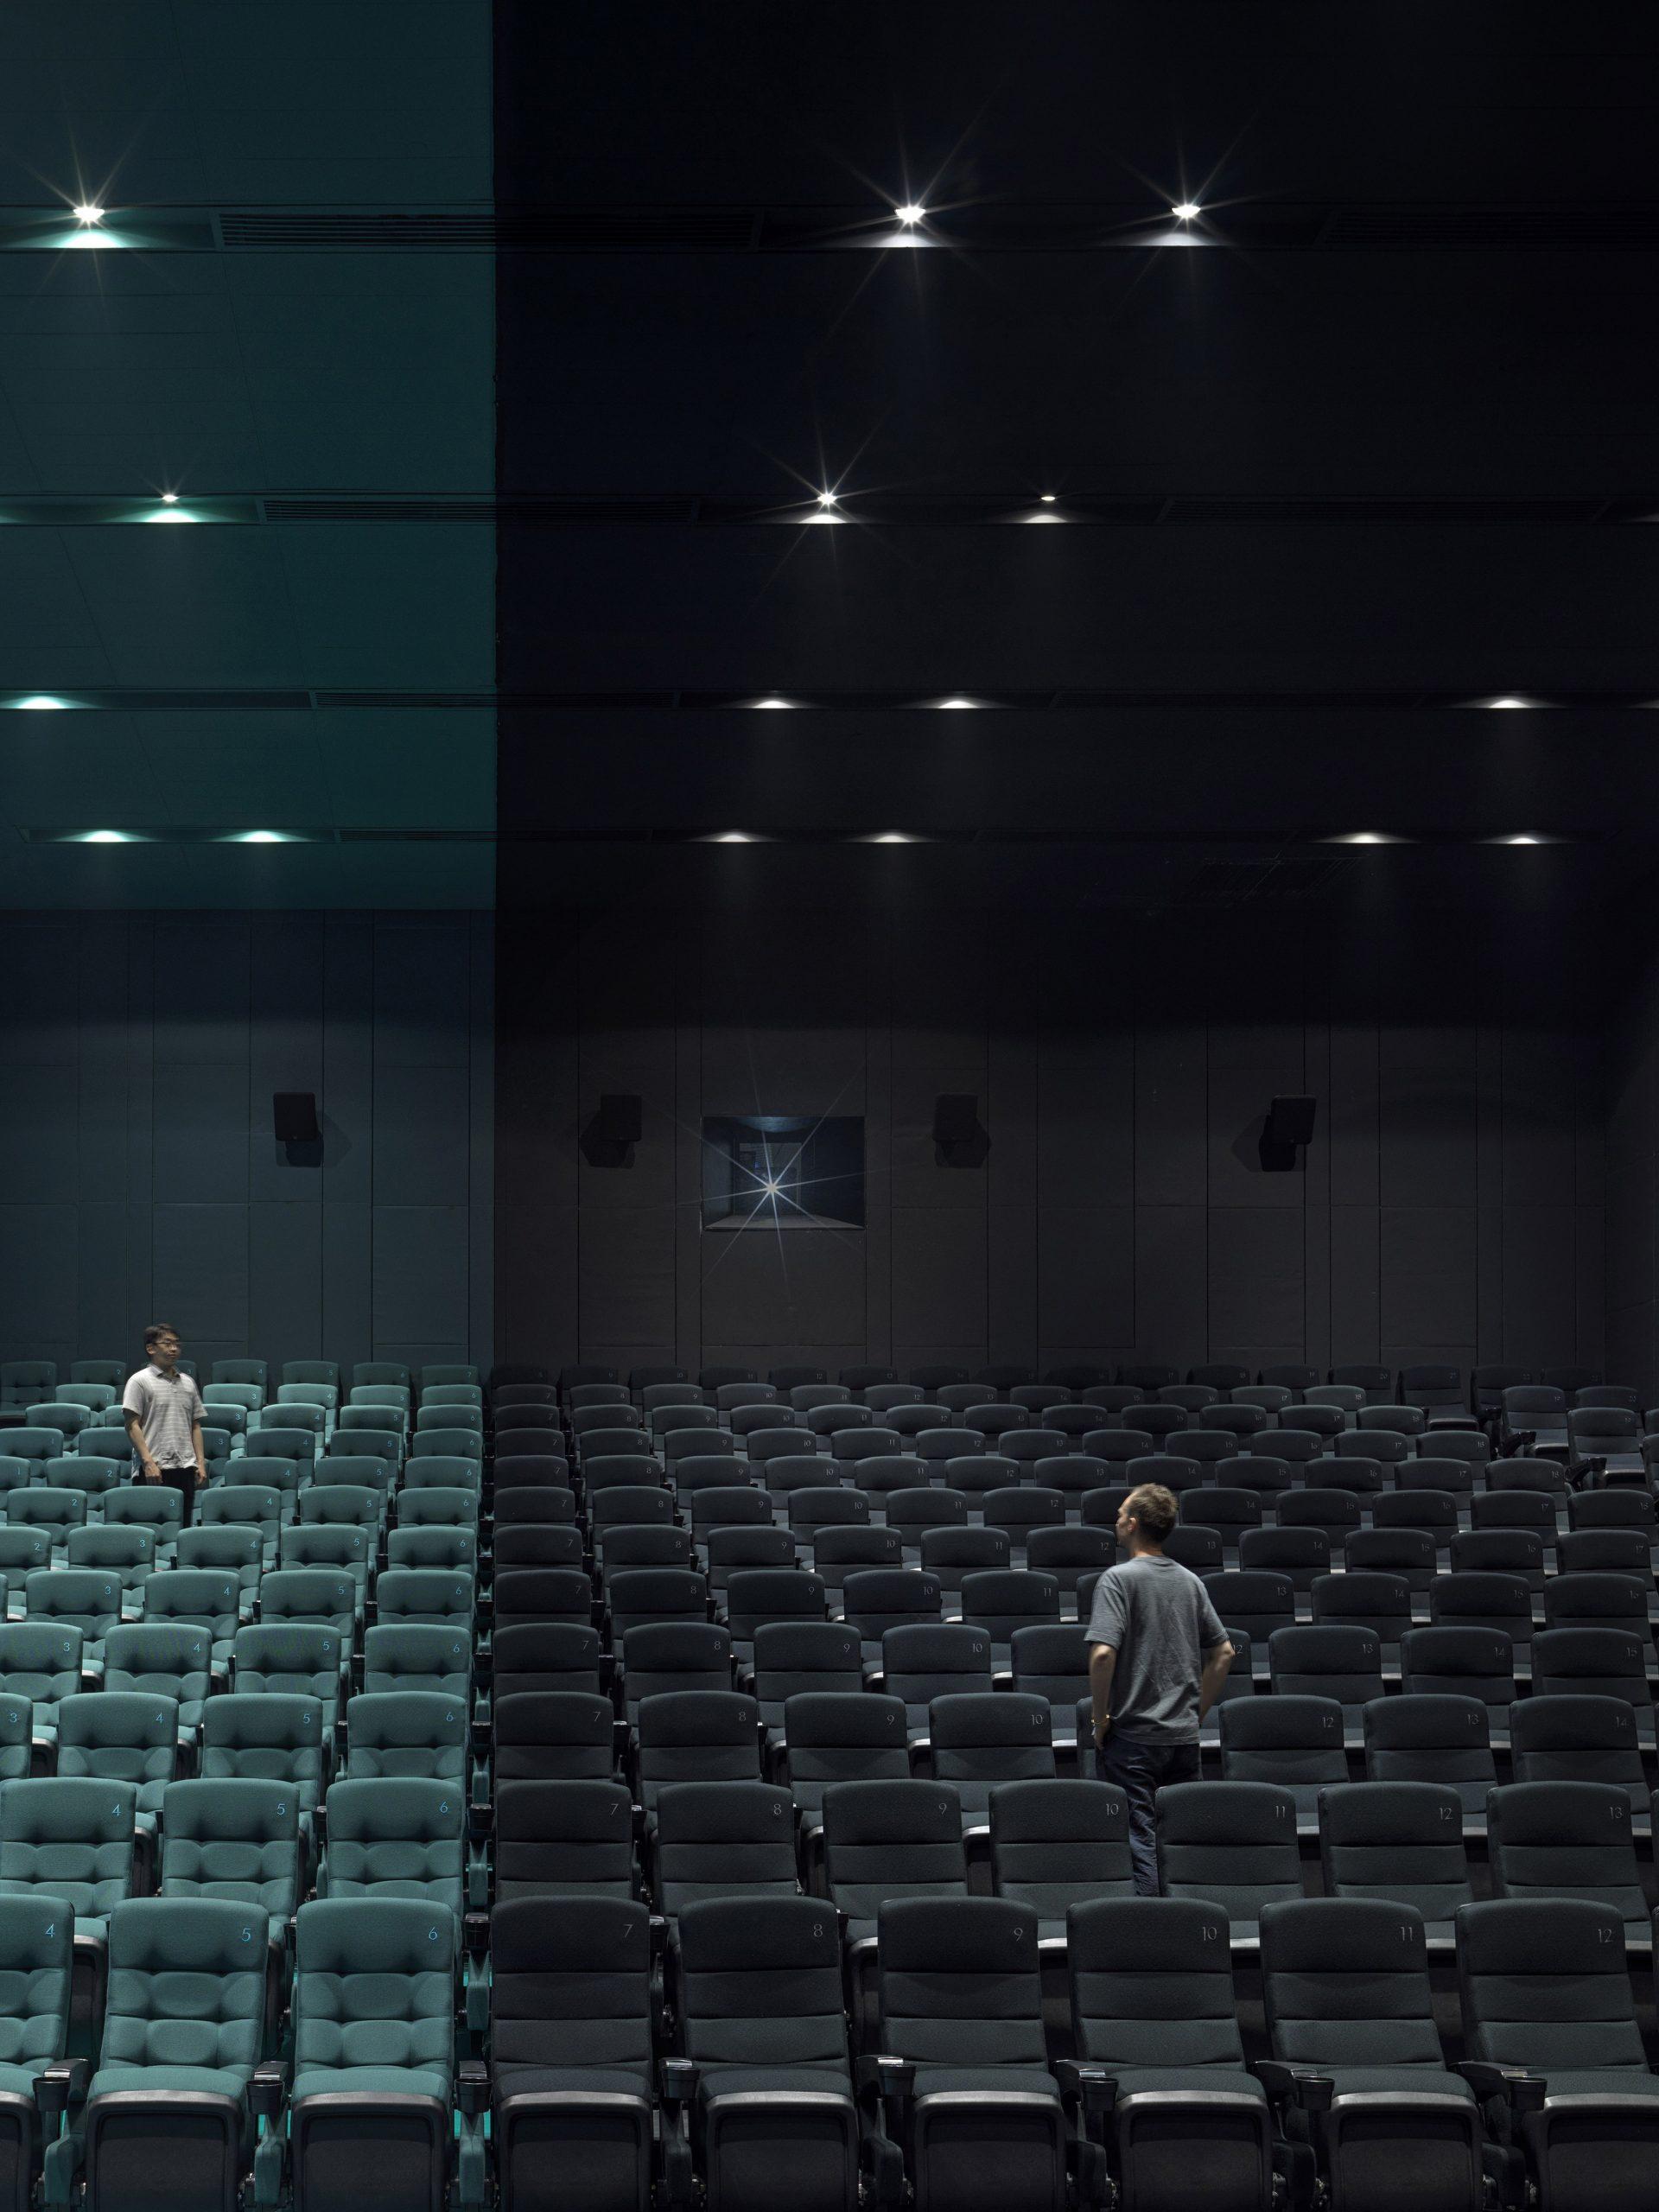 XIAN CHANGJIANG INSUN IMAX CINEMA